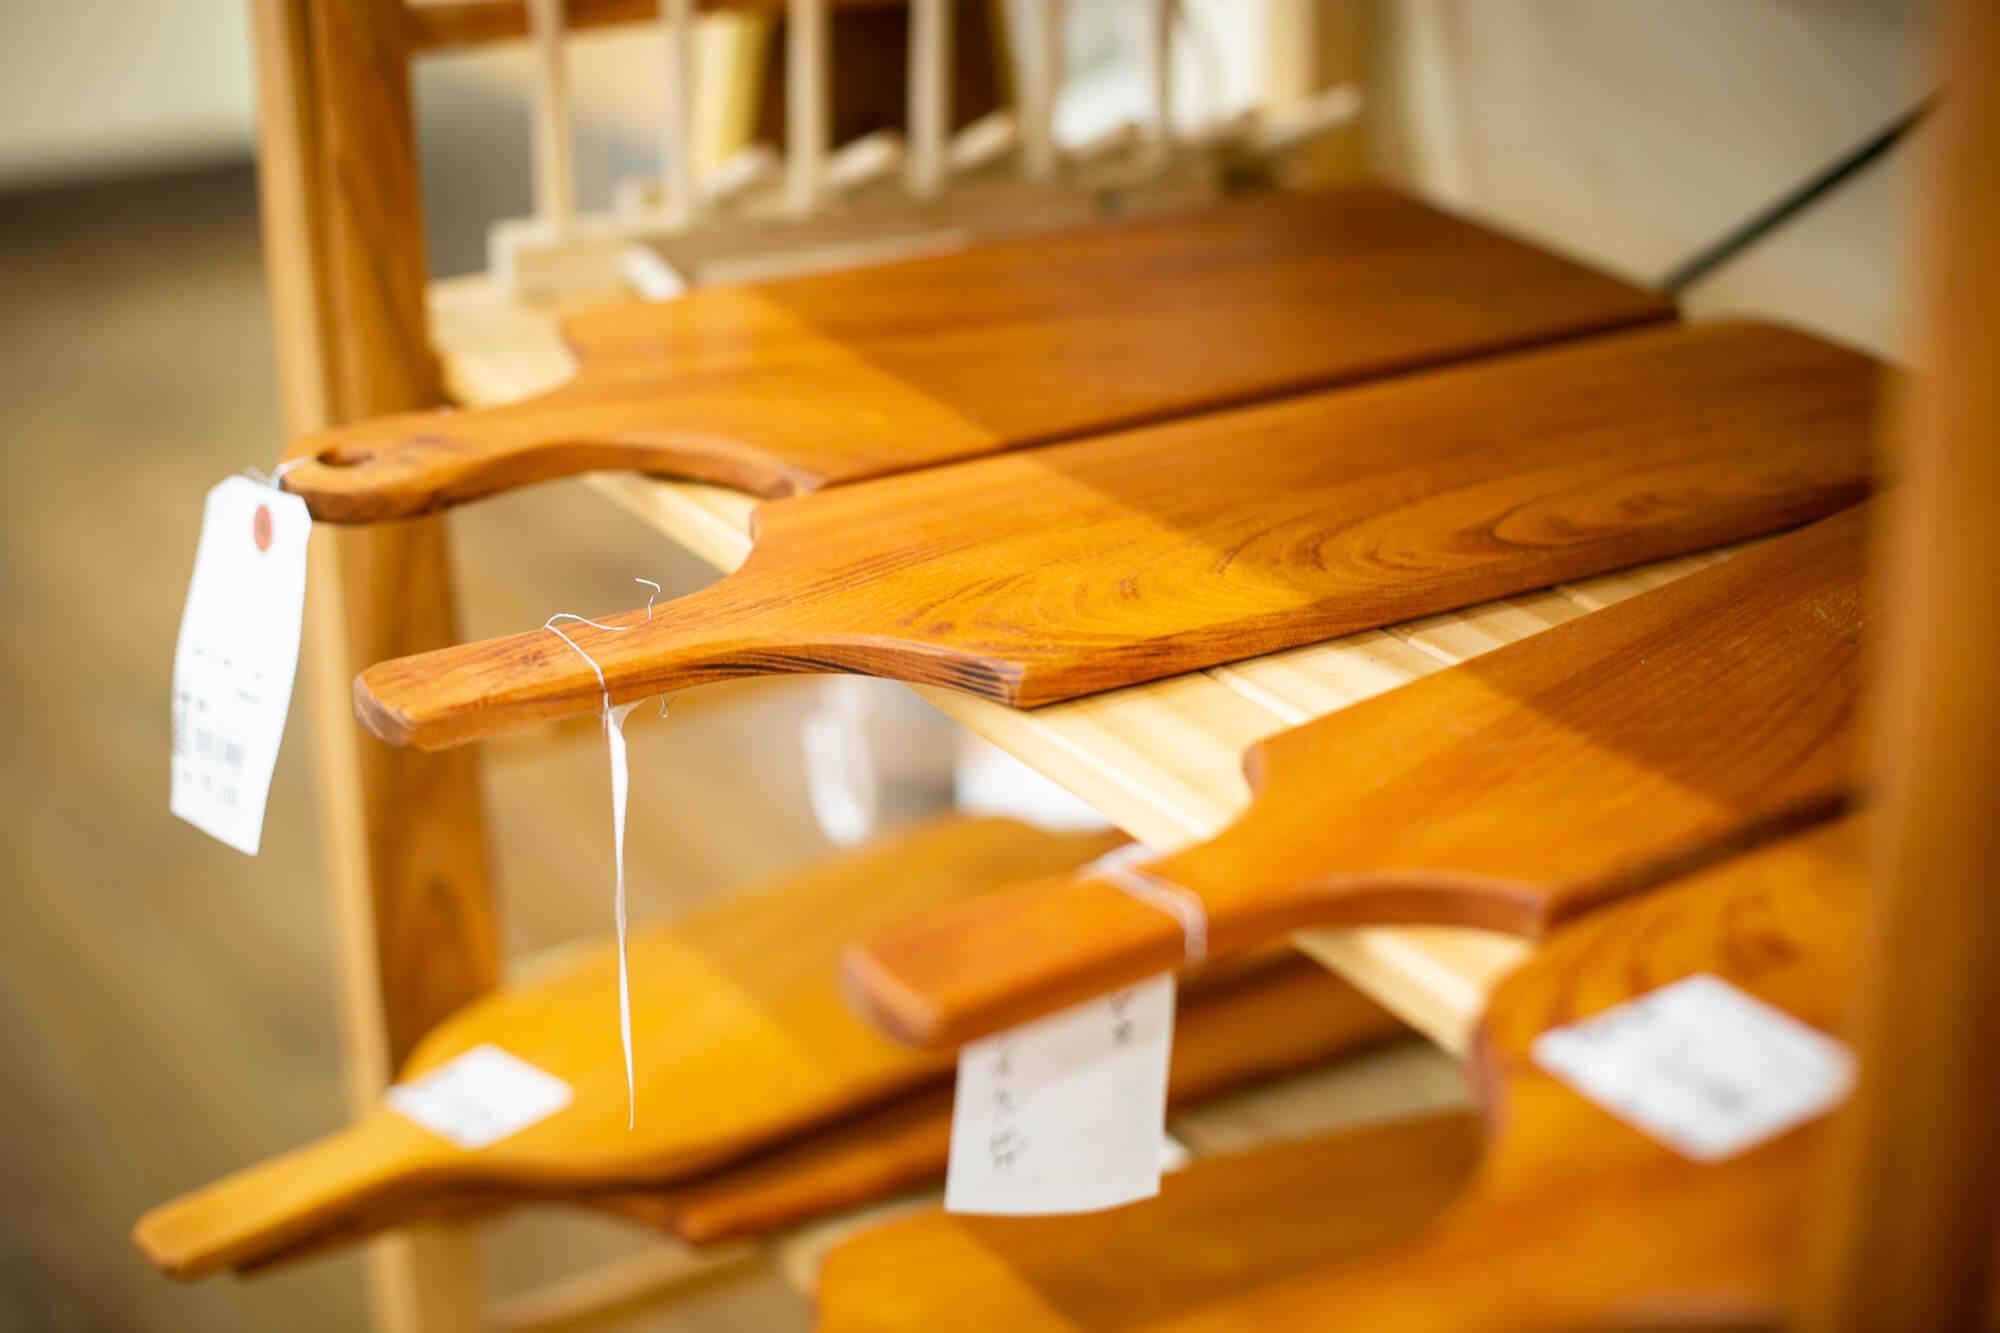 職人による木工商品も販売しています。